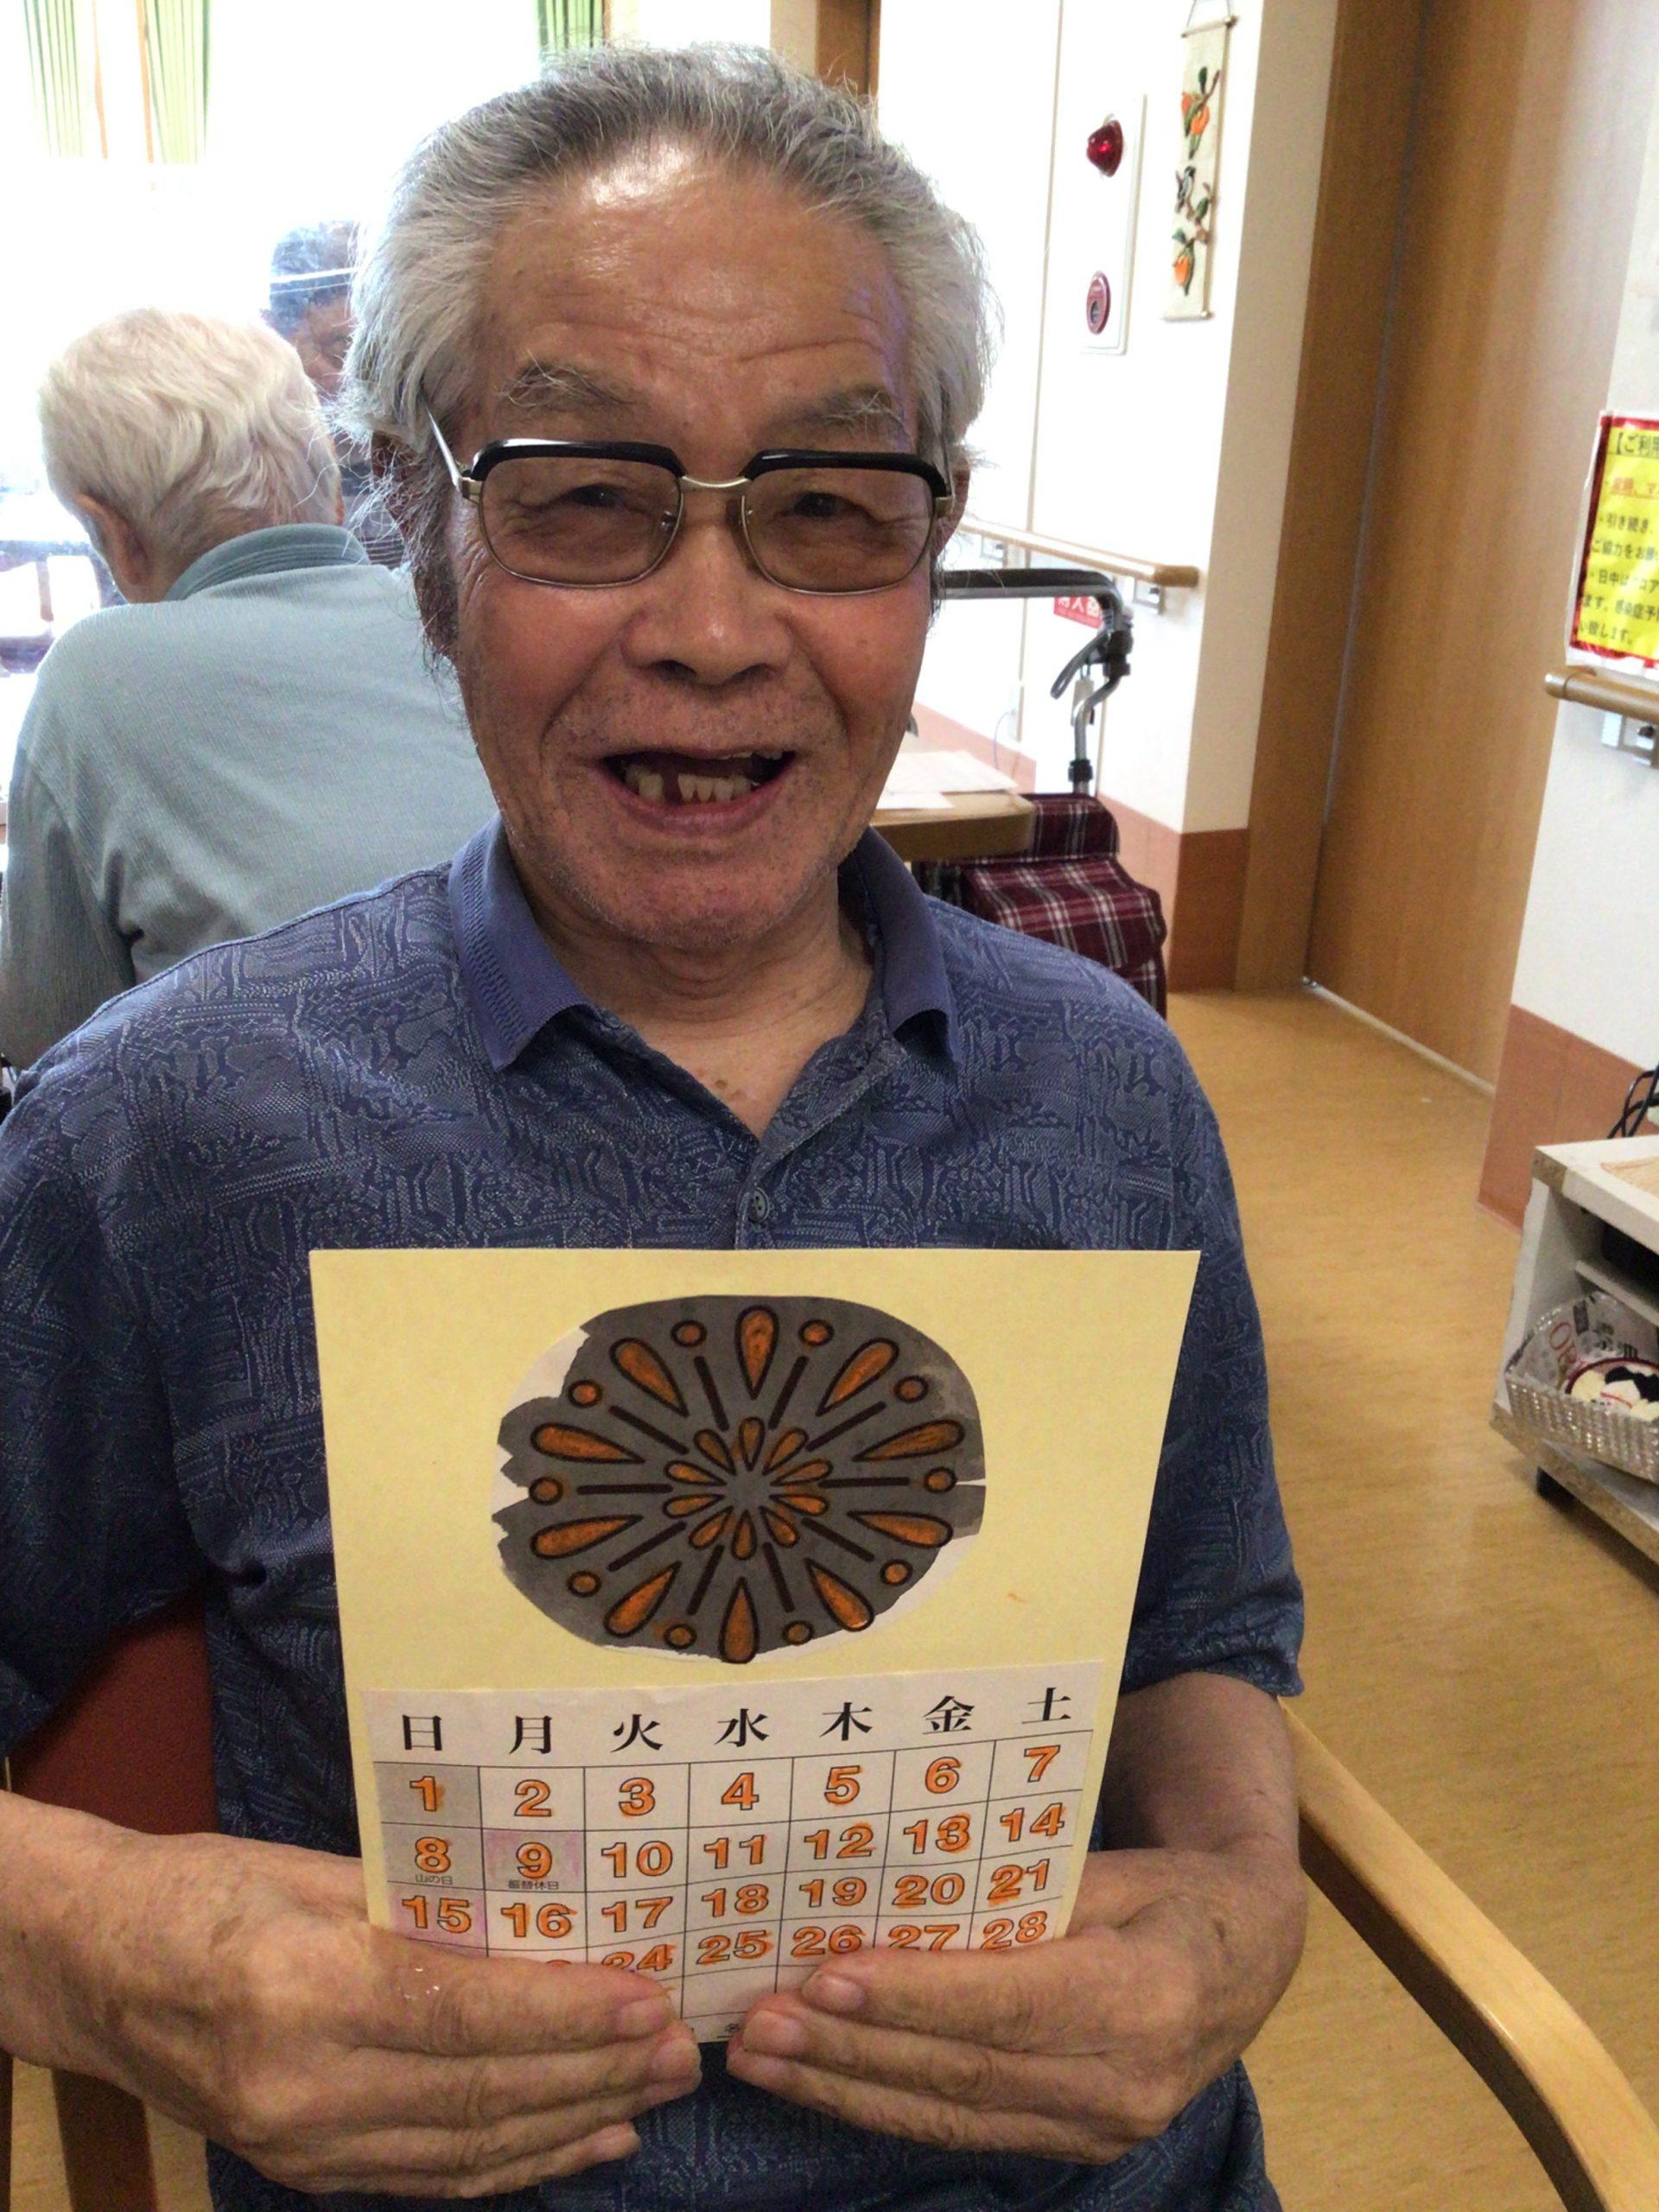 湖山ケアサービス米沢 8月のカレンダー作り